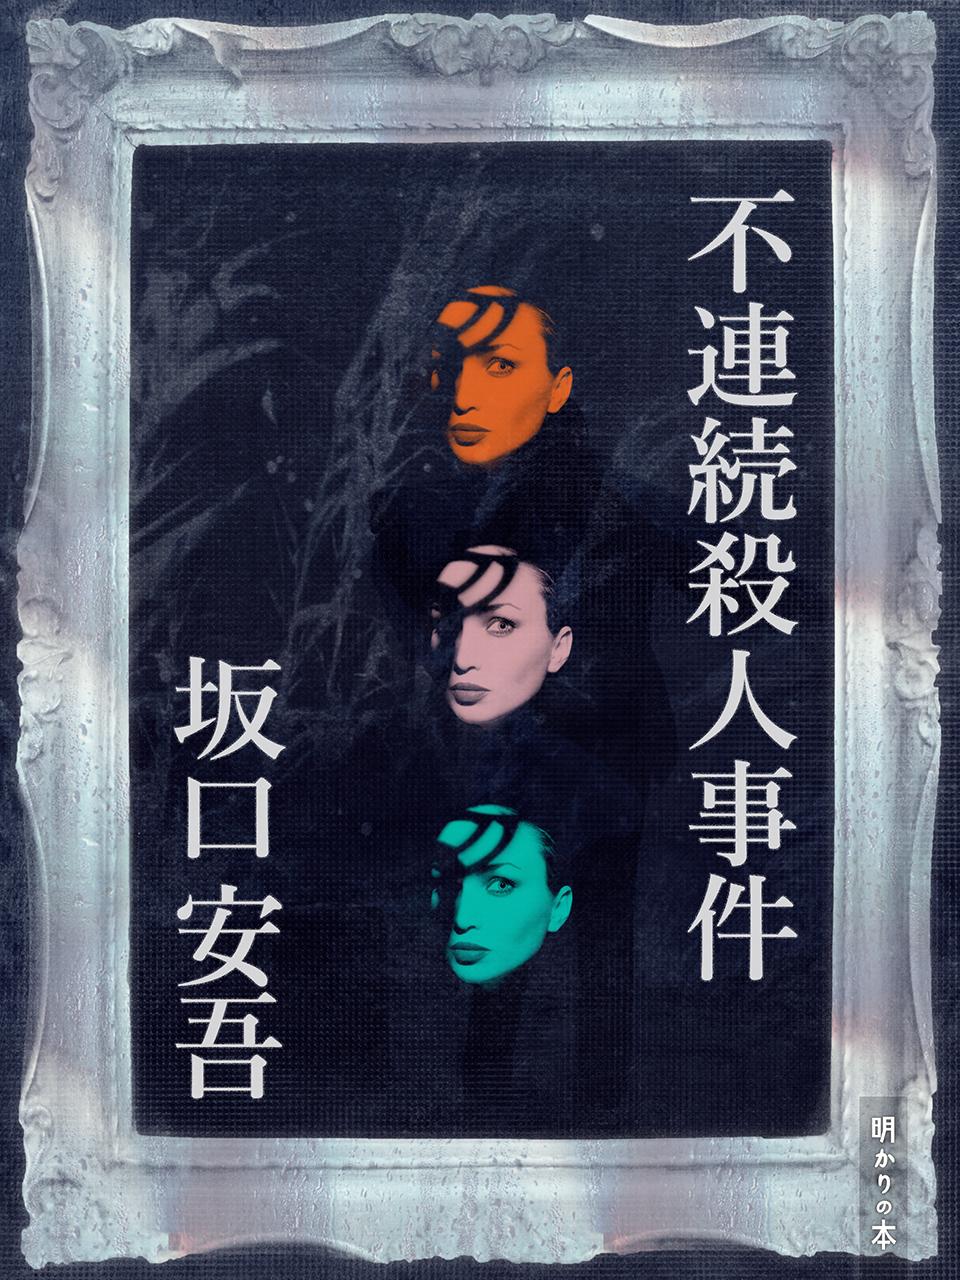 0000 - 不連続殺人事件 坂口安吾